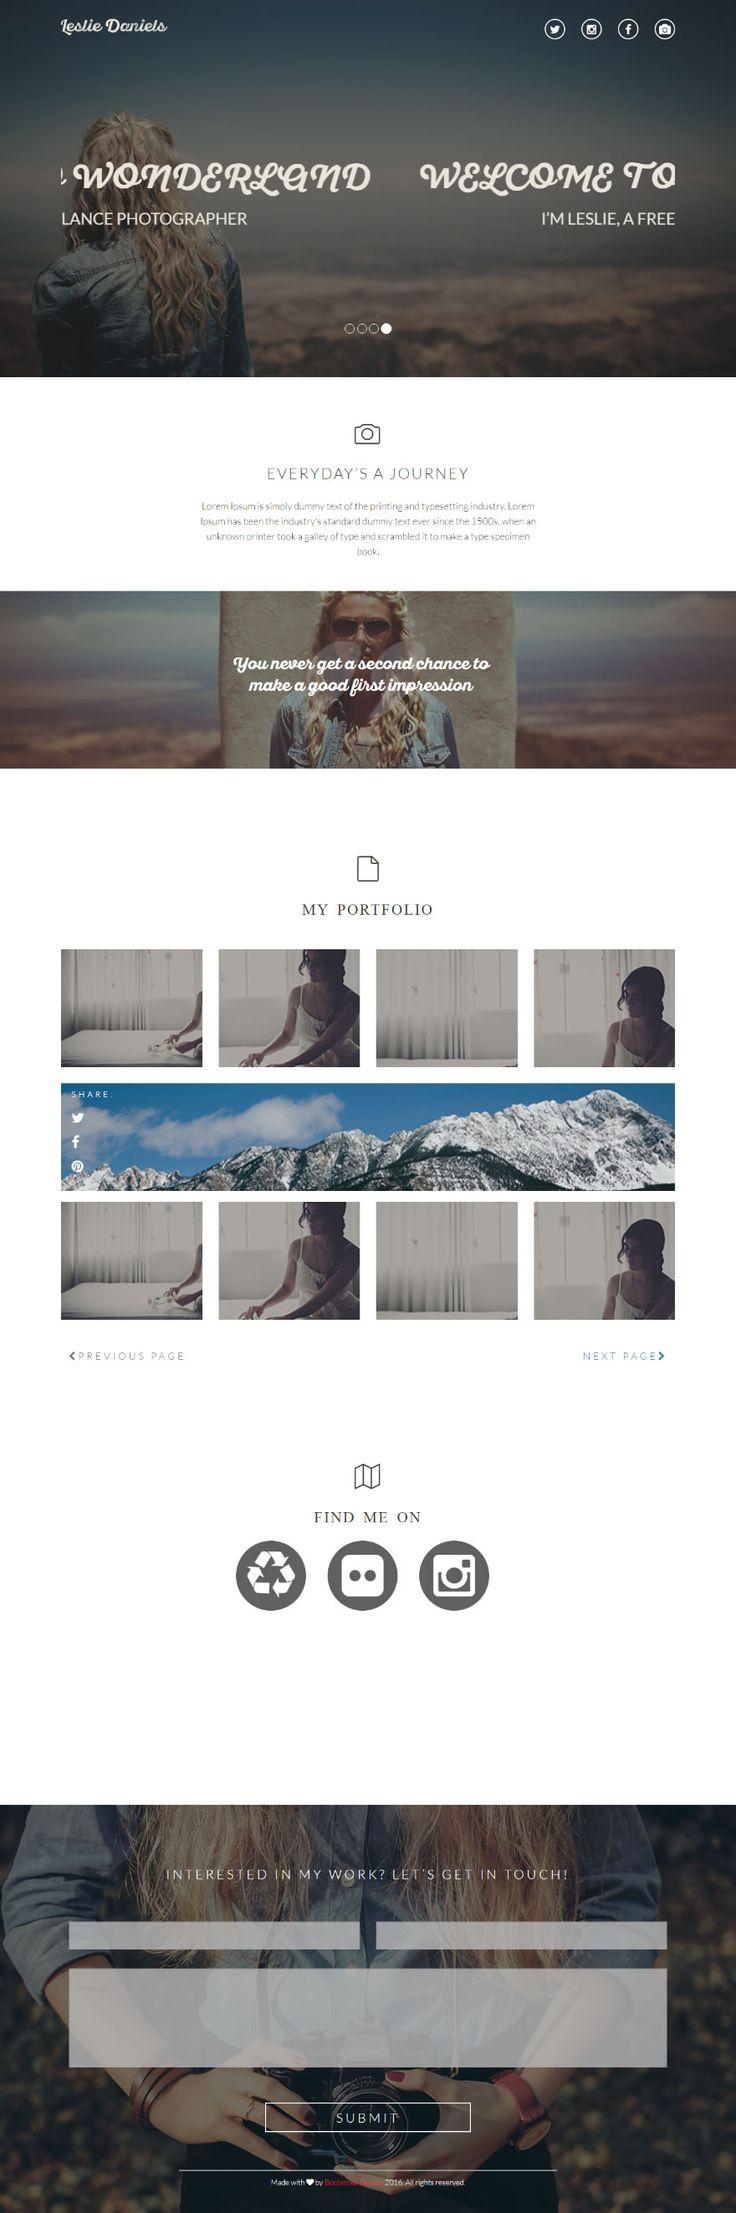 Ziemlich Vorlagen Für Websites Kostenlos Fotos - Entry Level Resume ...